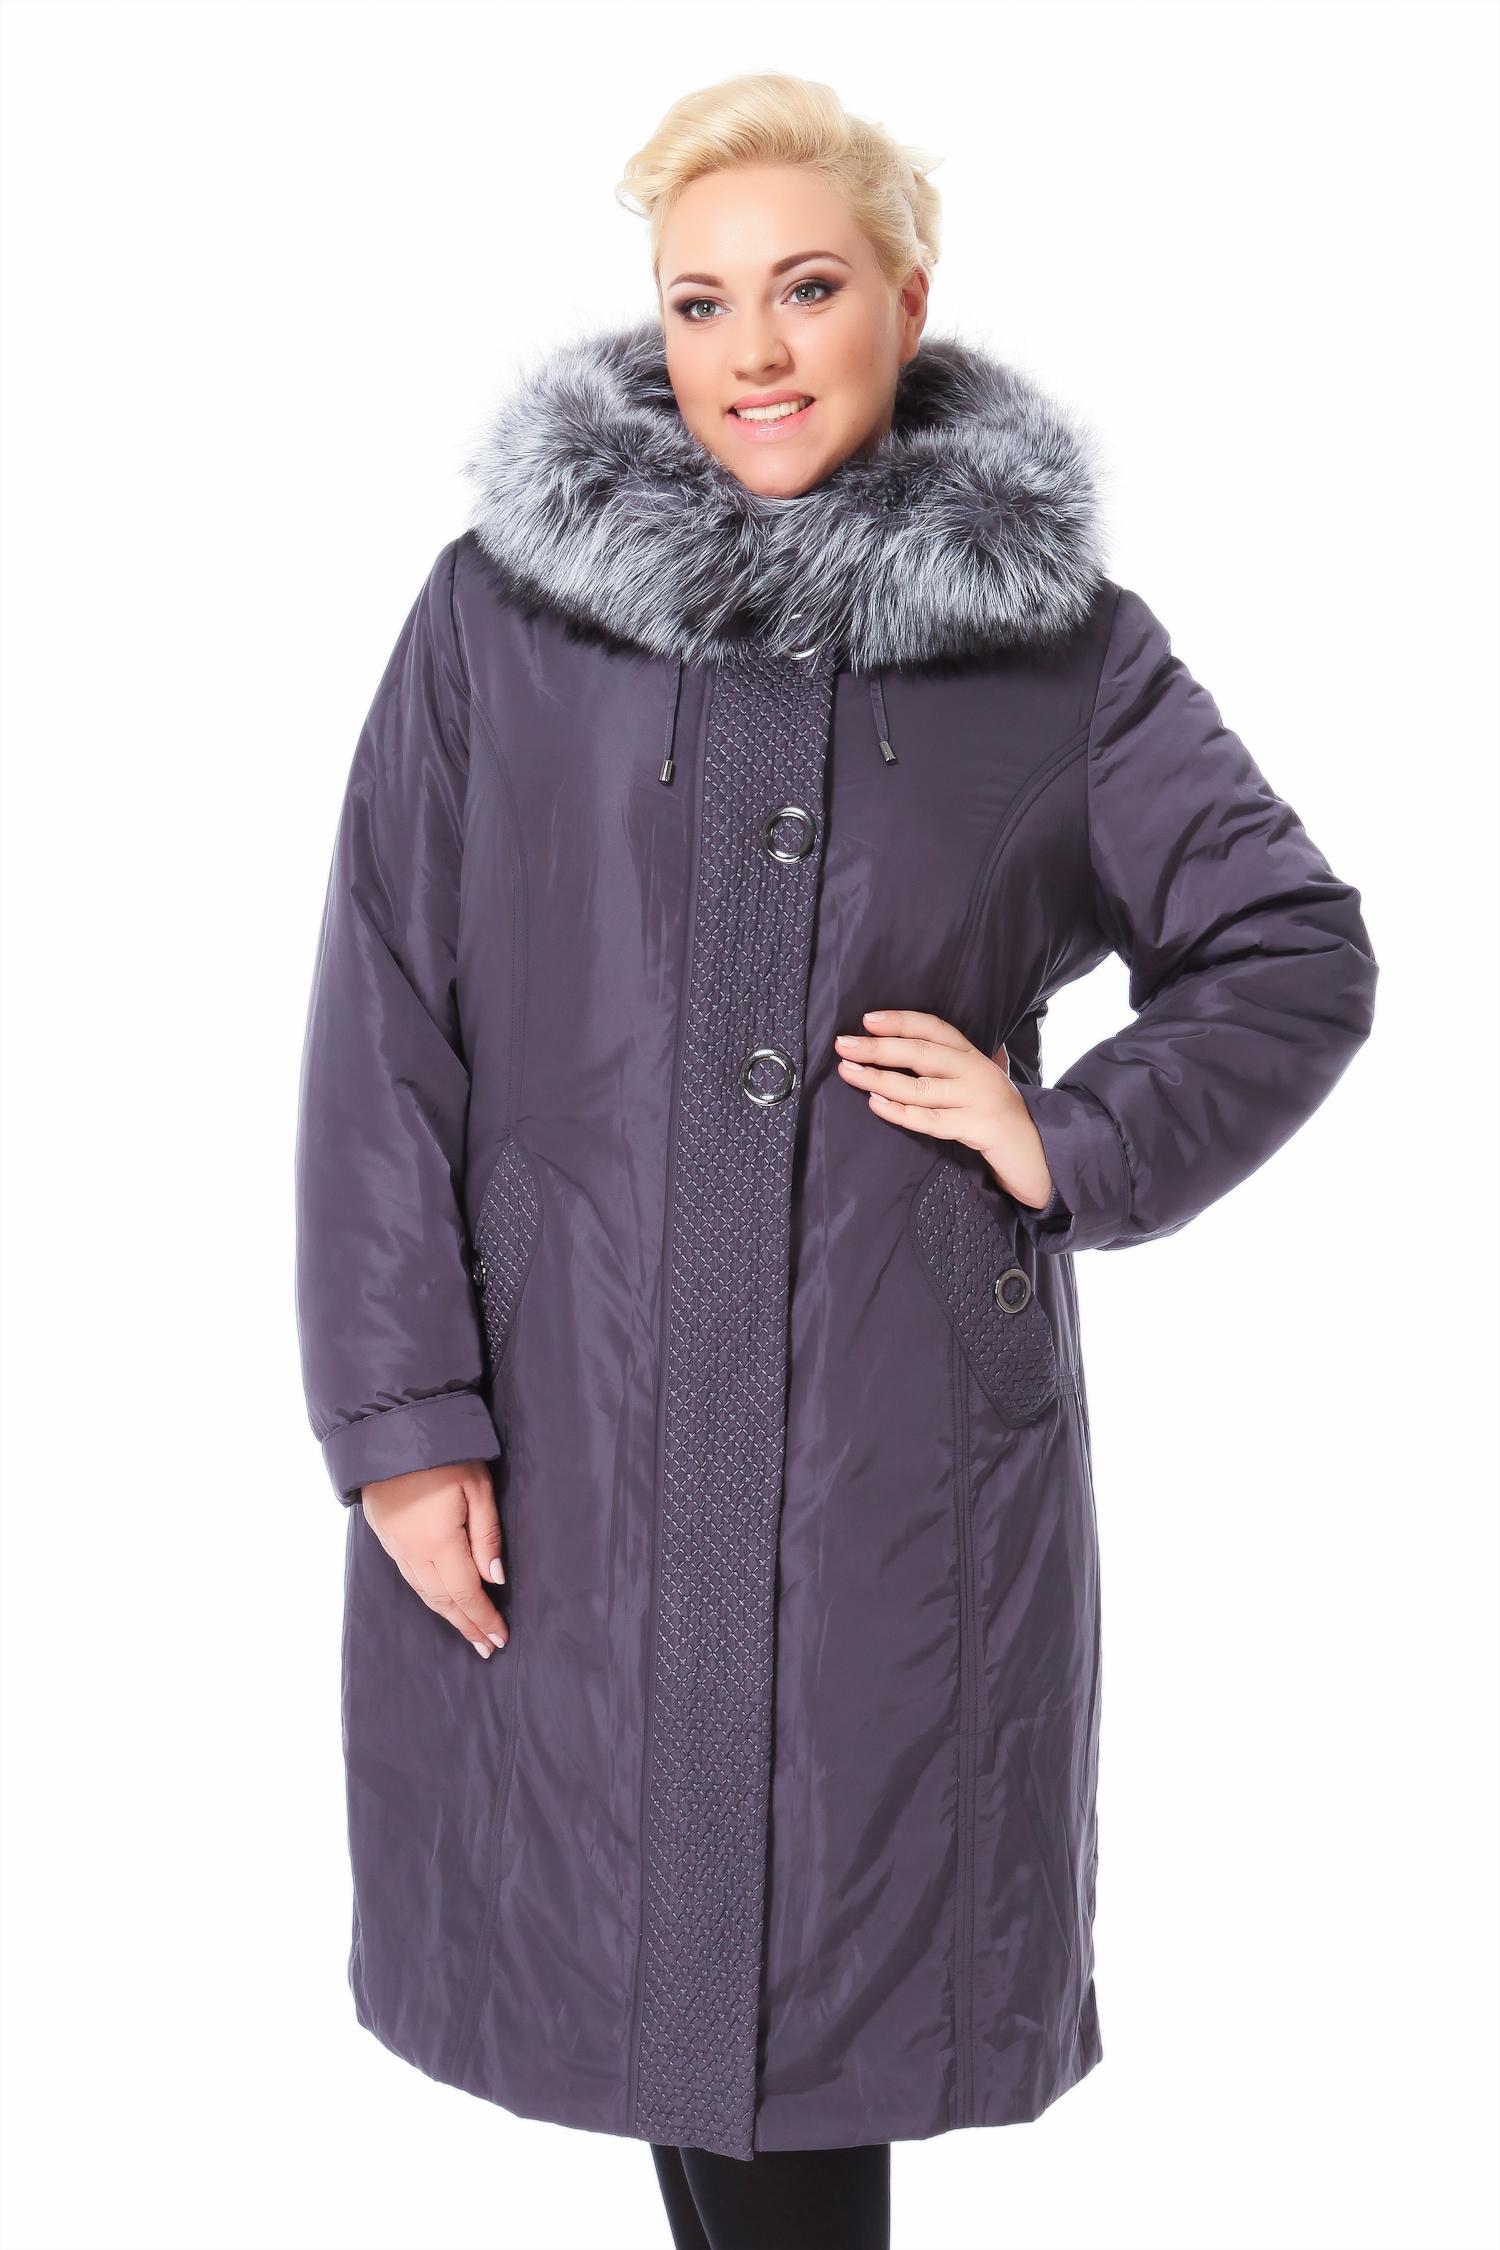 Пальто на меху с капюшоном, отделка чернобуркаЦвет  аметист.<br><br>Пальто-пихора сшито из полиэстера. Отделка выполнена из меха черно-бурой лисы. В качестве утеплителя использован синтепон, а также подстежка из меха кролика.<br><br>Пихора это симбиоз практичности, тепла и комфорта, благодаря легкой и невероятно теплой отстегивающейся подкладке из меха кролика и полиэстеру, который отталкивает воду и не пропускает ветер. Модель идеально сядет на разные типы фигур. Широкая планка и прорезные карманы имеют ненавязчивый, но очень выразительный декор. Оригинальная металлическая фурнитура придает образу динамизм. Глубокий капюшон с отделкой из чернобурки позволит не заботиться о наличии такого необходимого аксессуара, как головной убор. Эта модель выбор уверенных в себе девушек и женщин, ведущих активный образ жизни и желающих быть яркими и выразительными.<br><br>Воротник: капюшон<br>Длина см: Длинная (свыше 90)<br>Материал: Текстиль<br>Цвет: фиолетовый<br>Вид застежки: центральная<br>Застежка: на молнии<br>Пол: Женский<br>Размер RU: 52